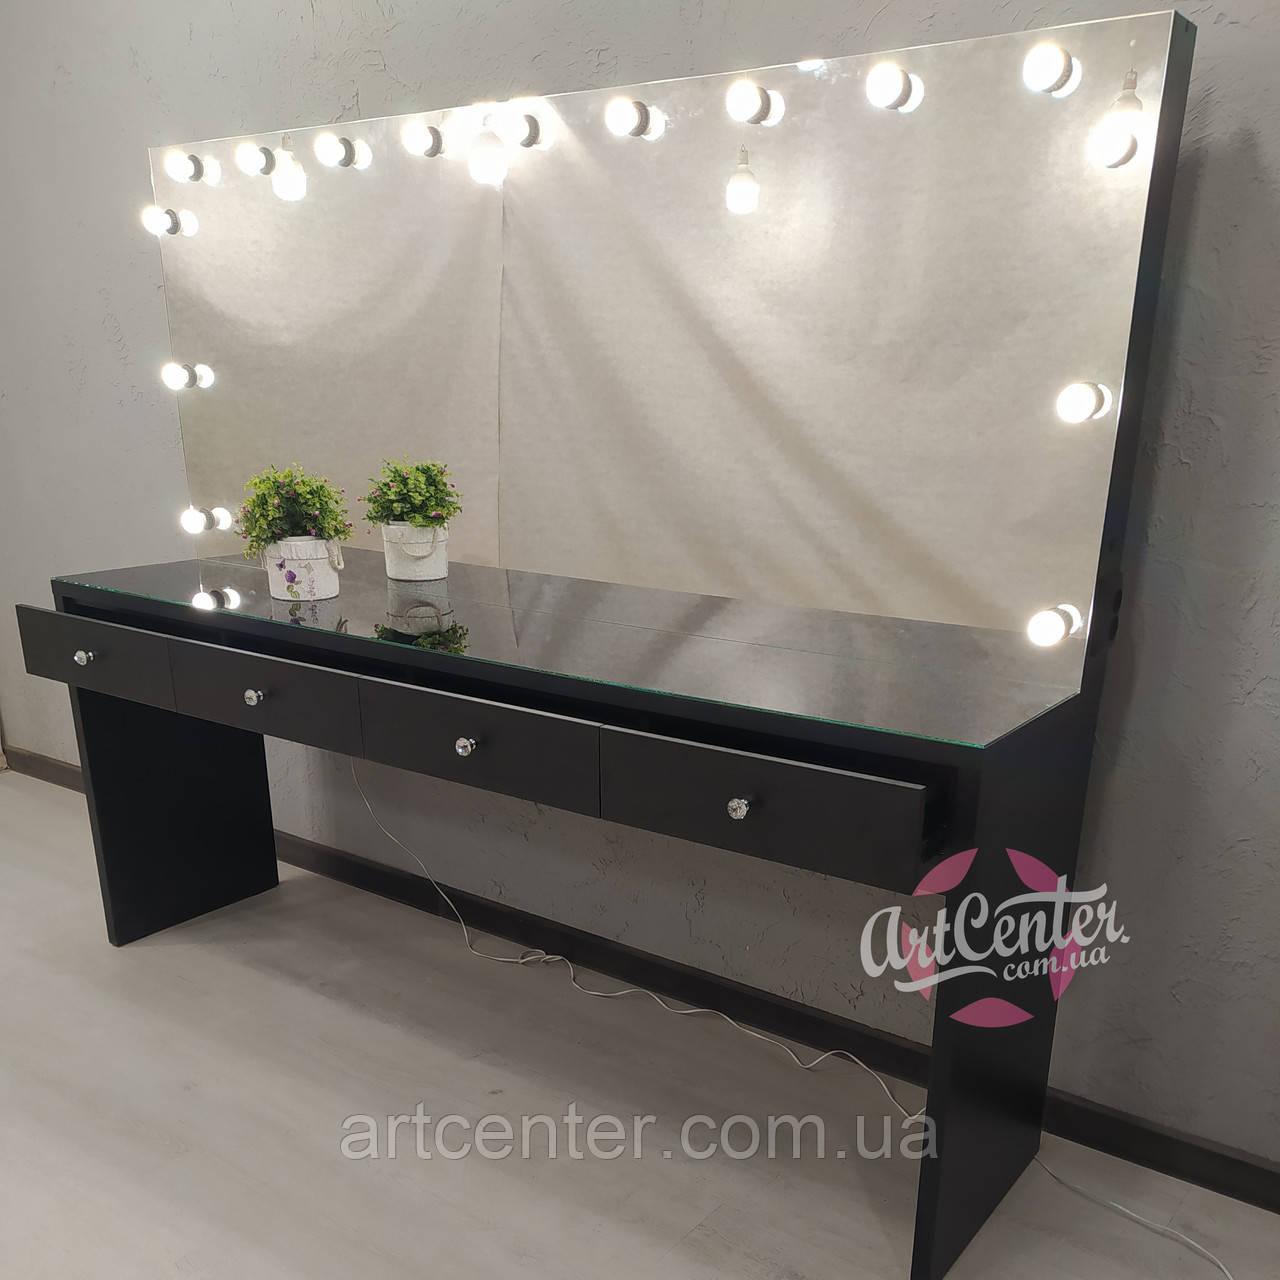 Стол для двоих визажистов, большой стол для макияжа с зеркалом